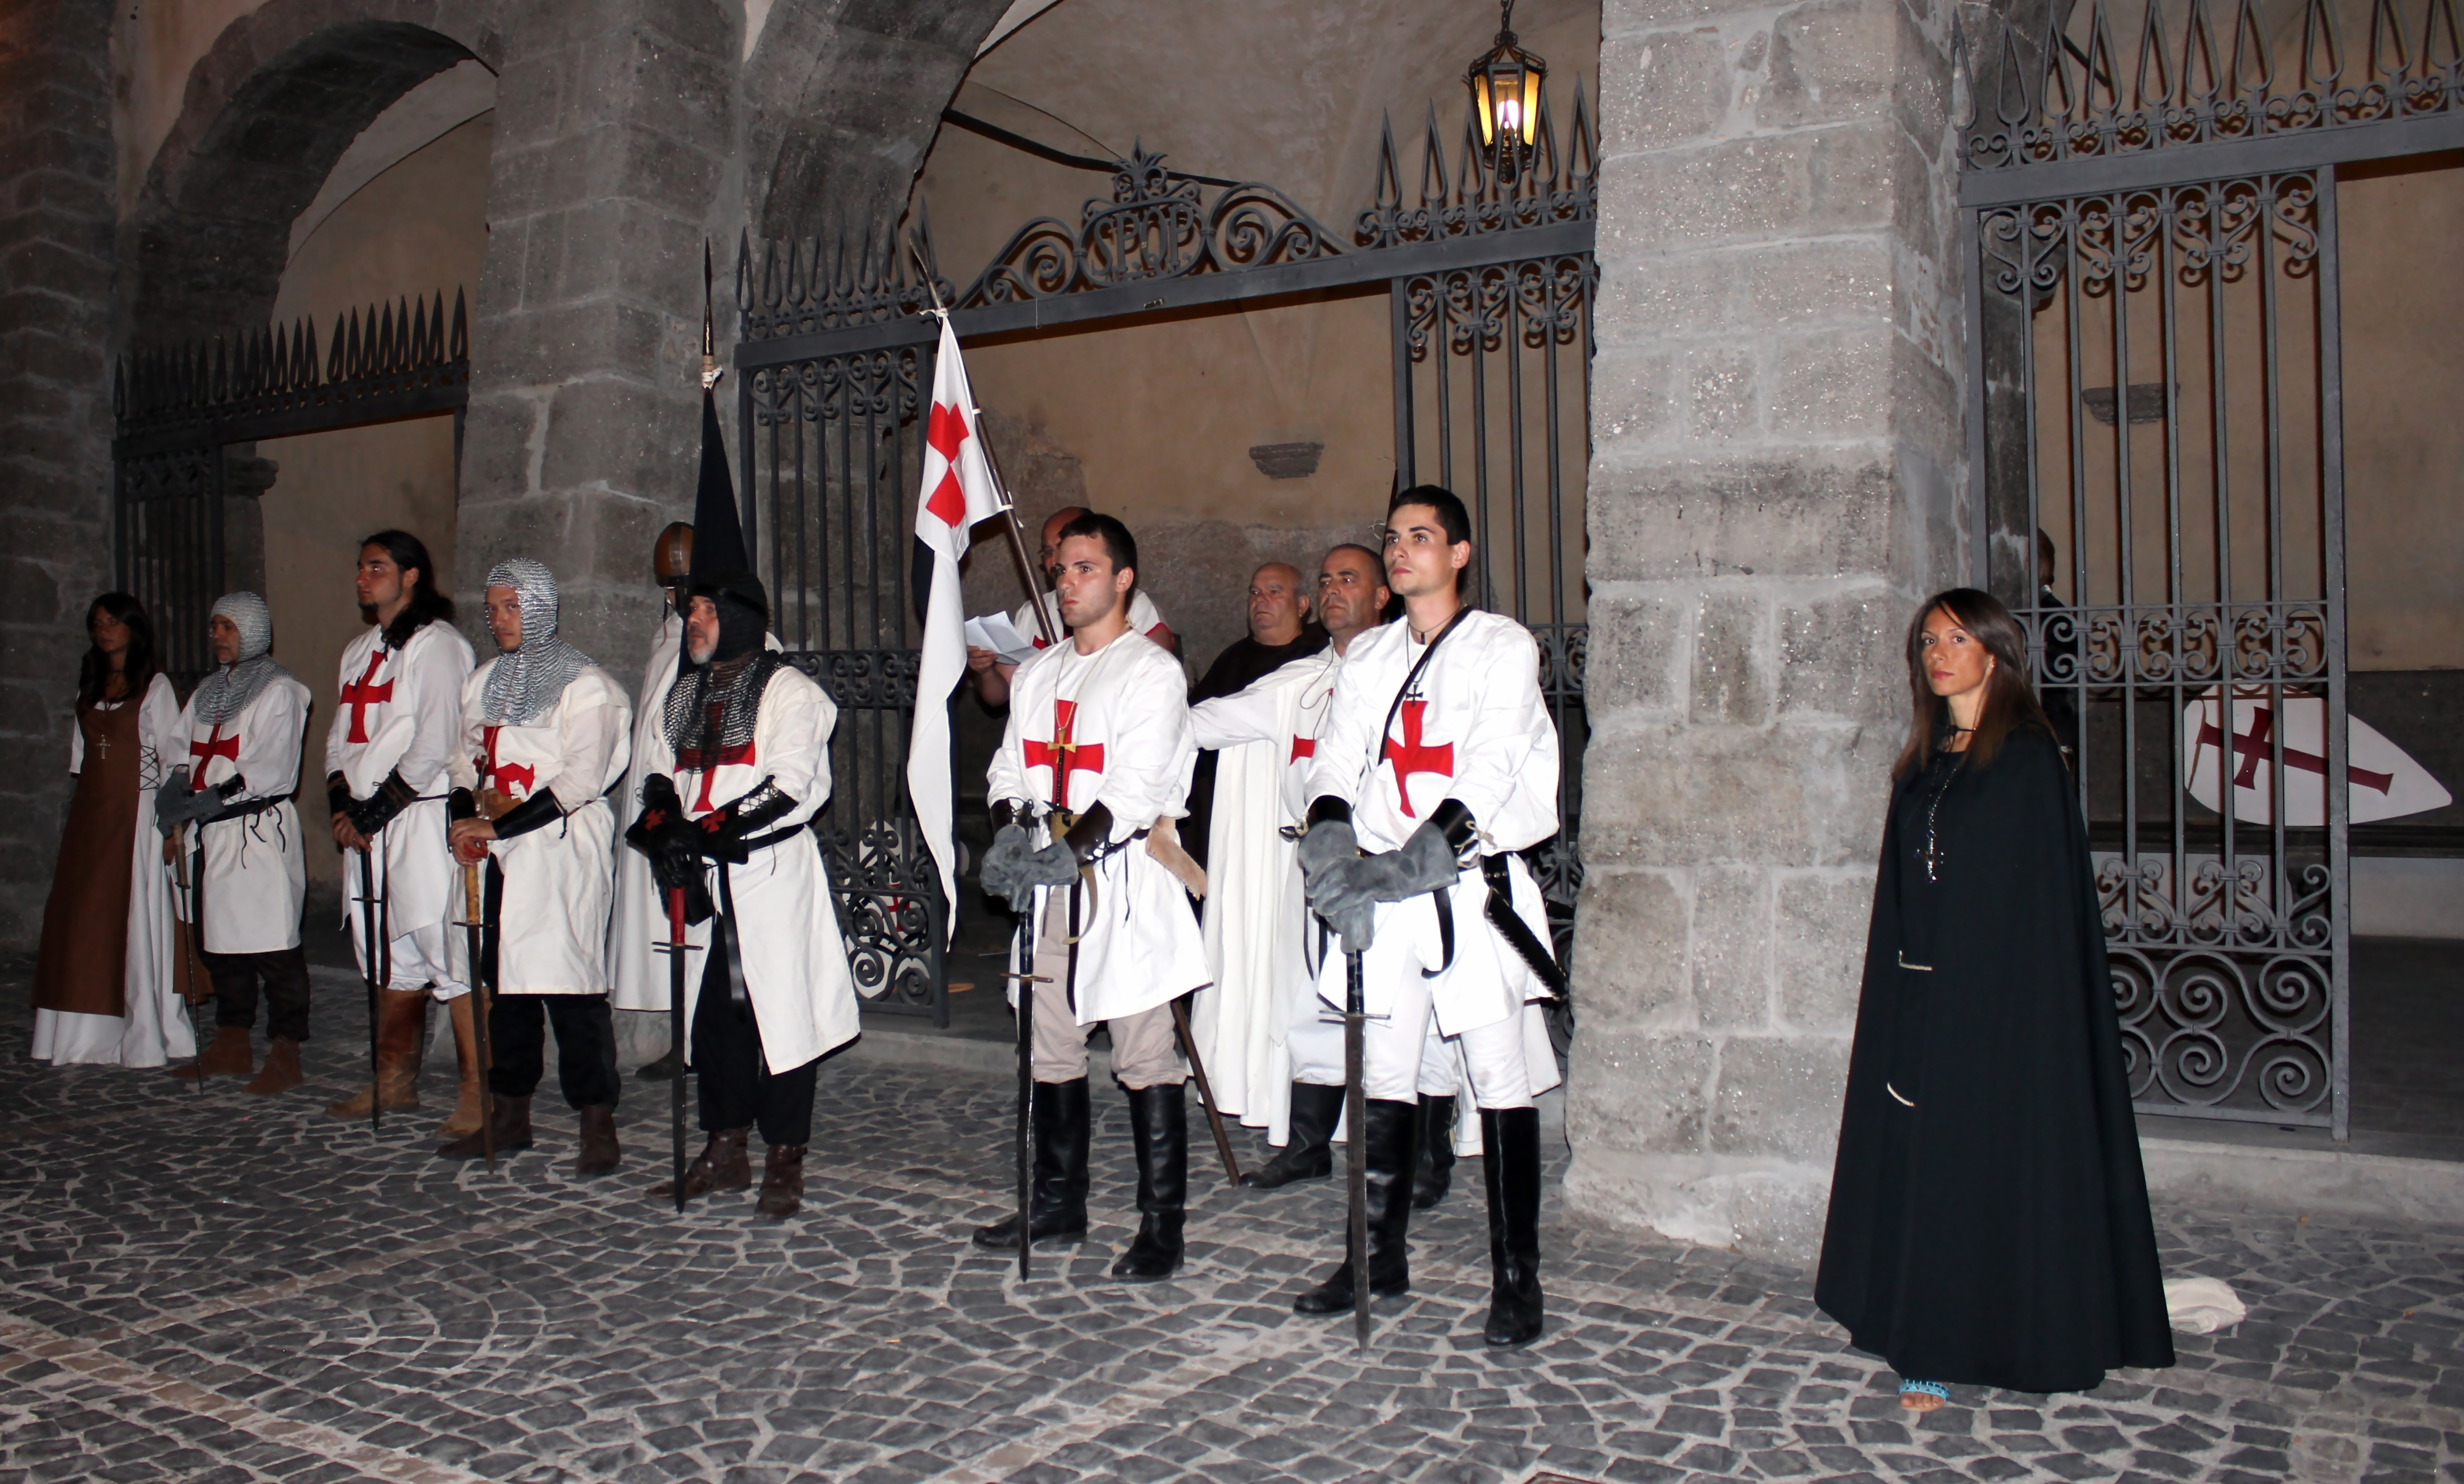 41 Rievocazione Templari S Paterniano a Patrica - ago 2011